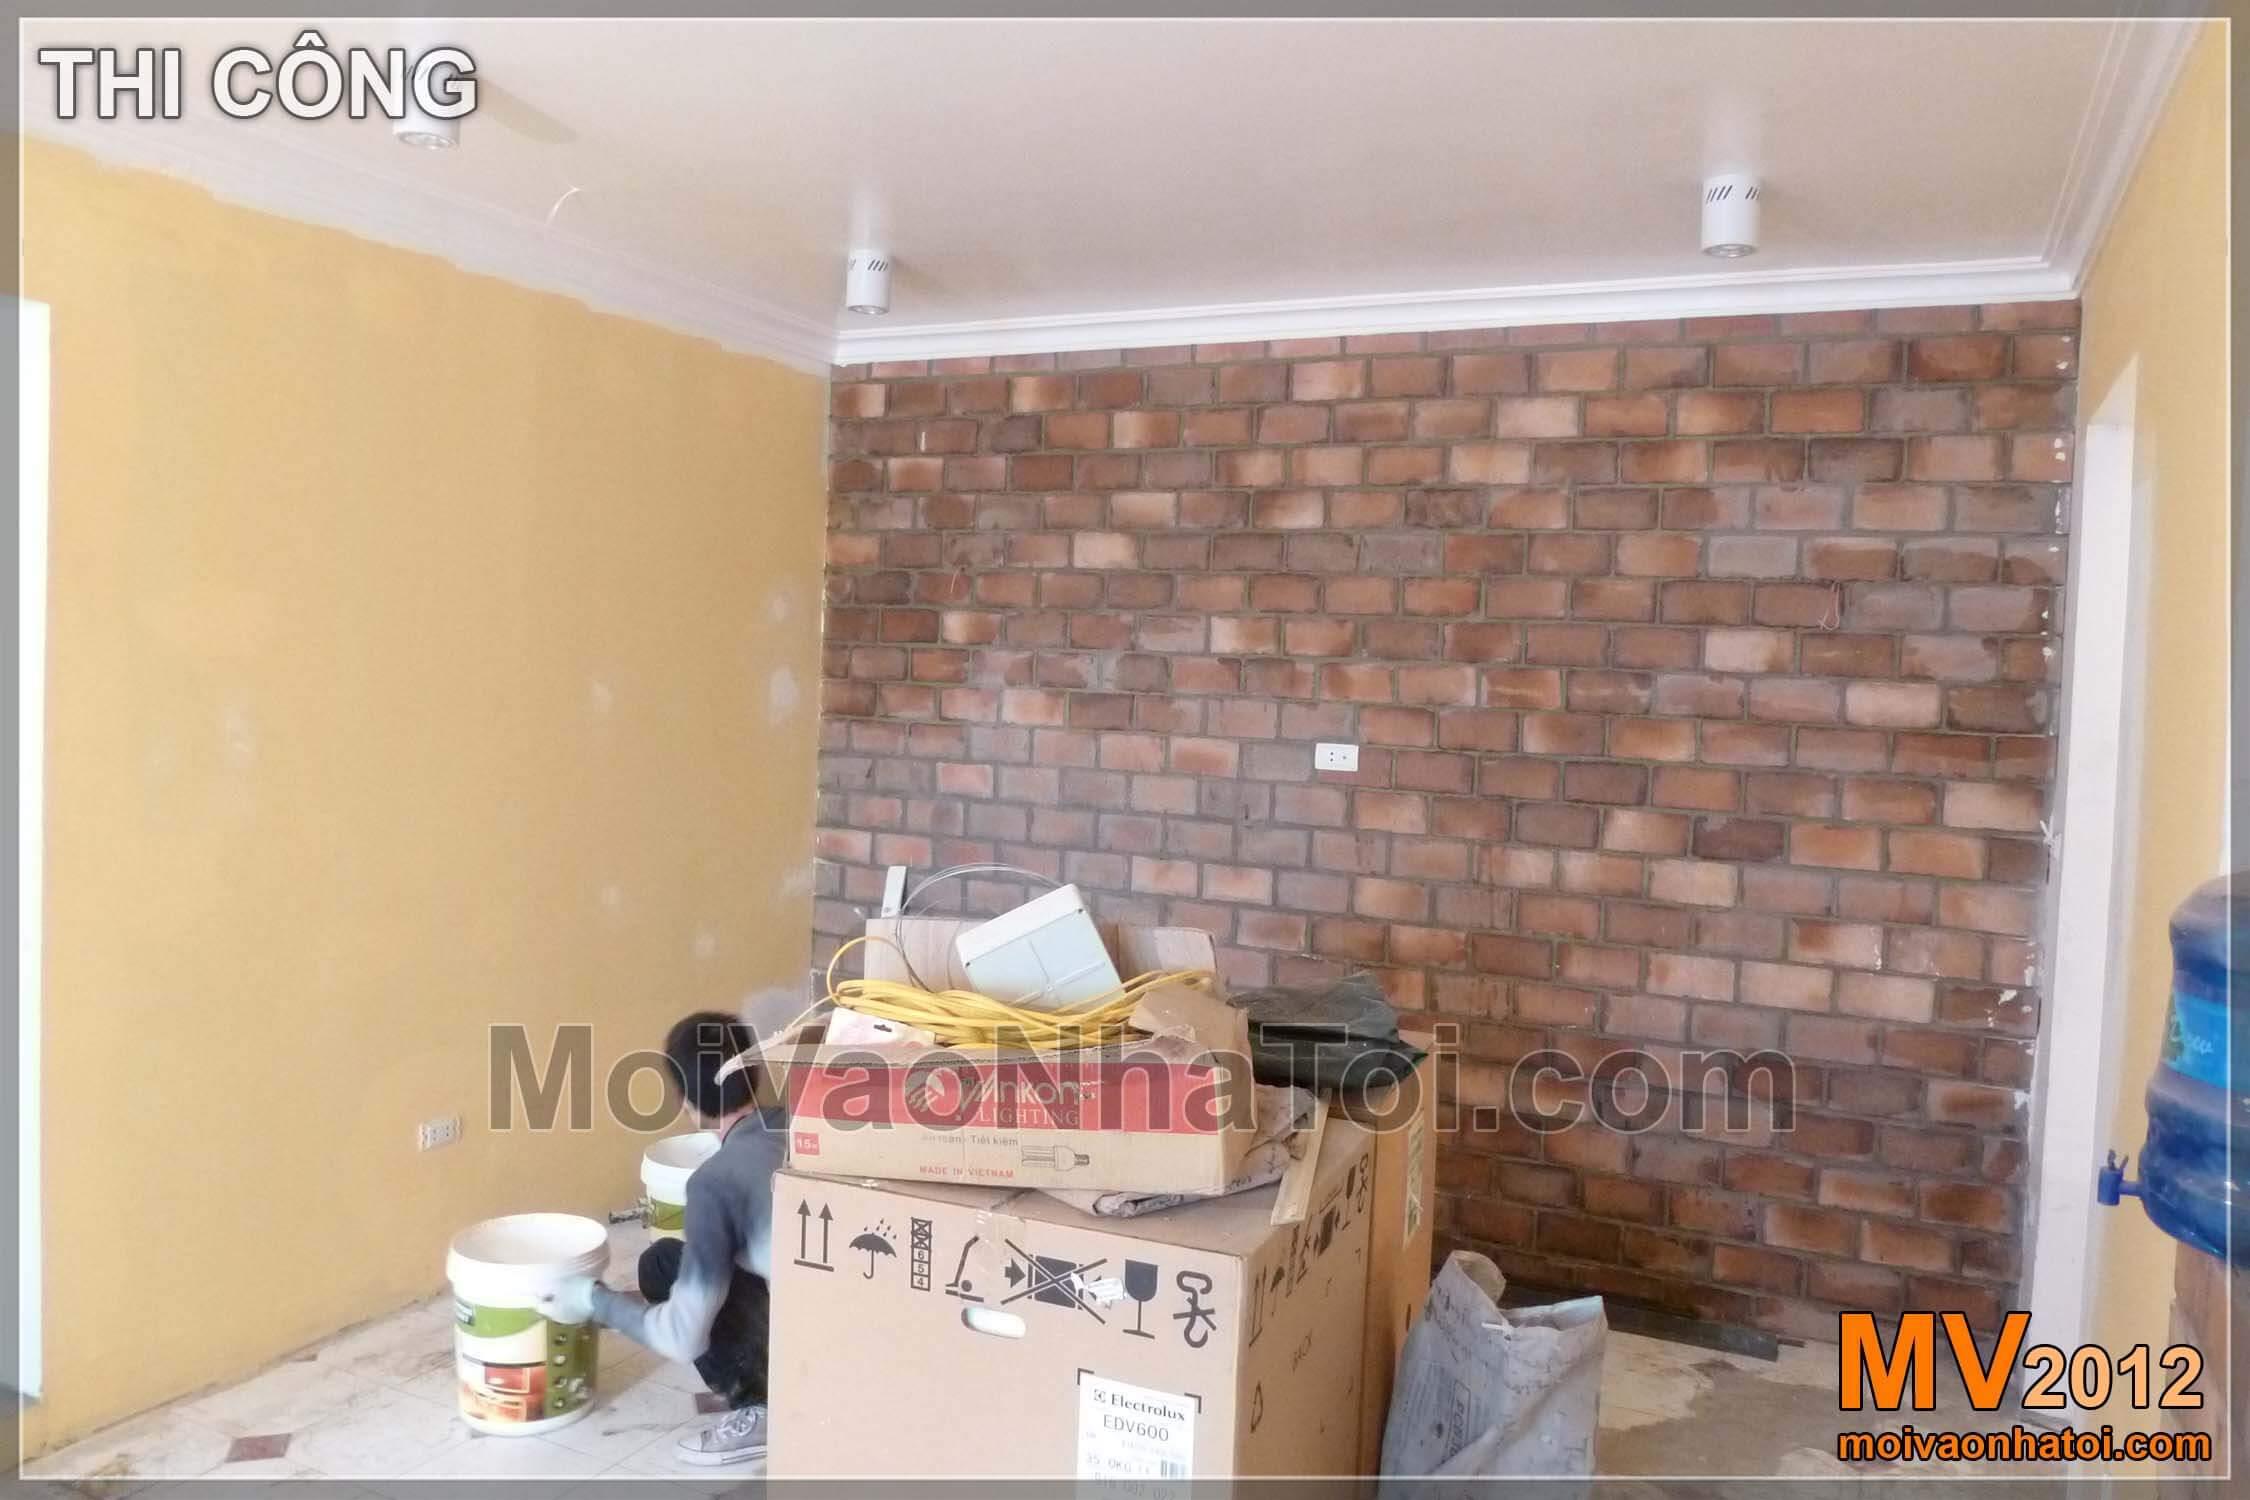 Mảng tường ốp đá treo TV là điểm nhấn trang trí phòng khách